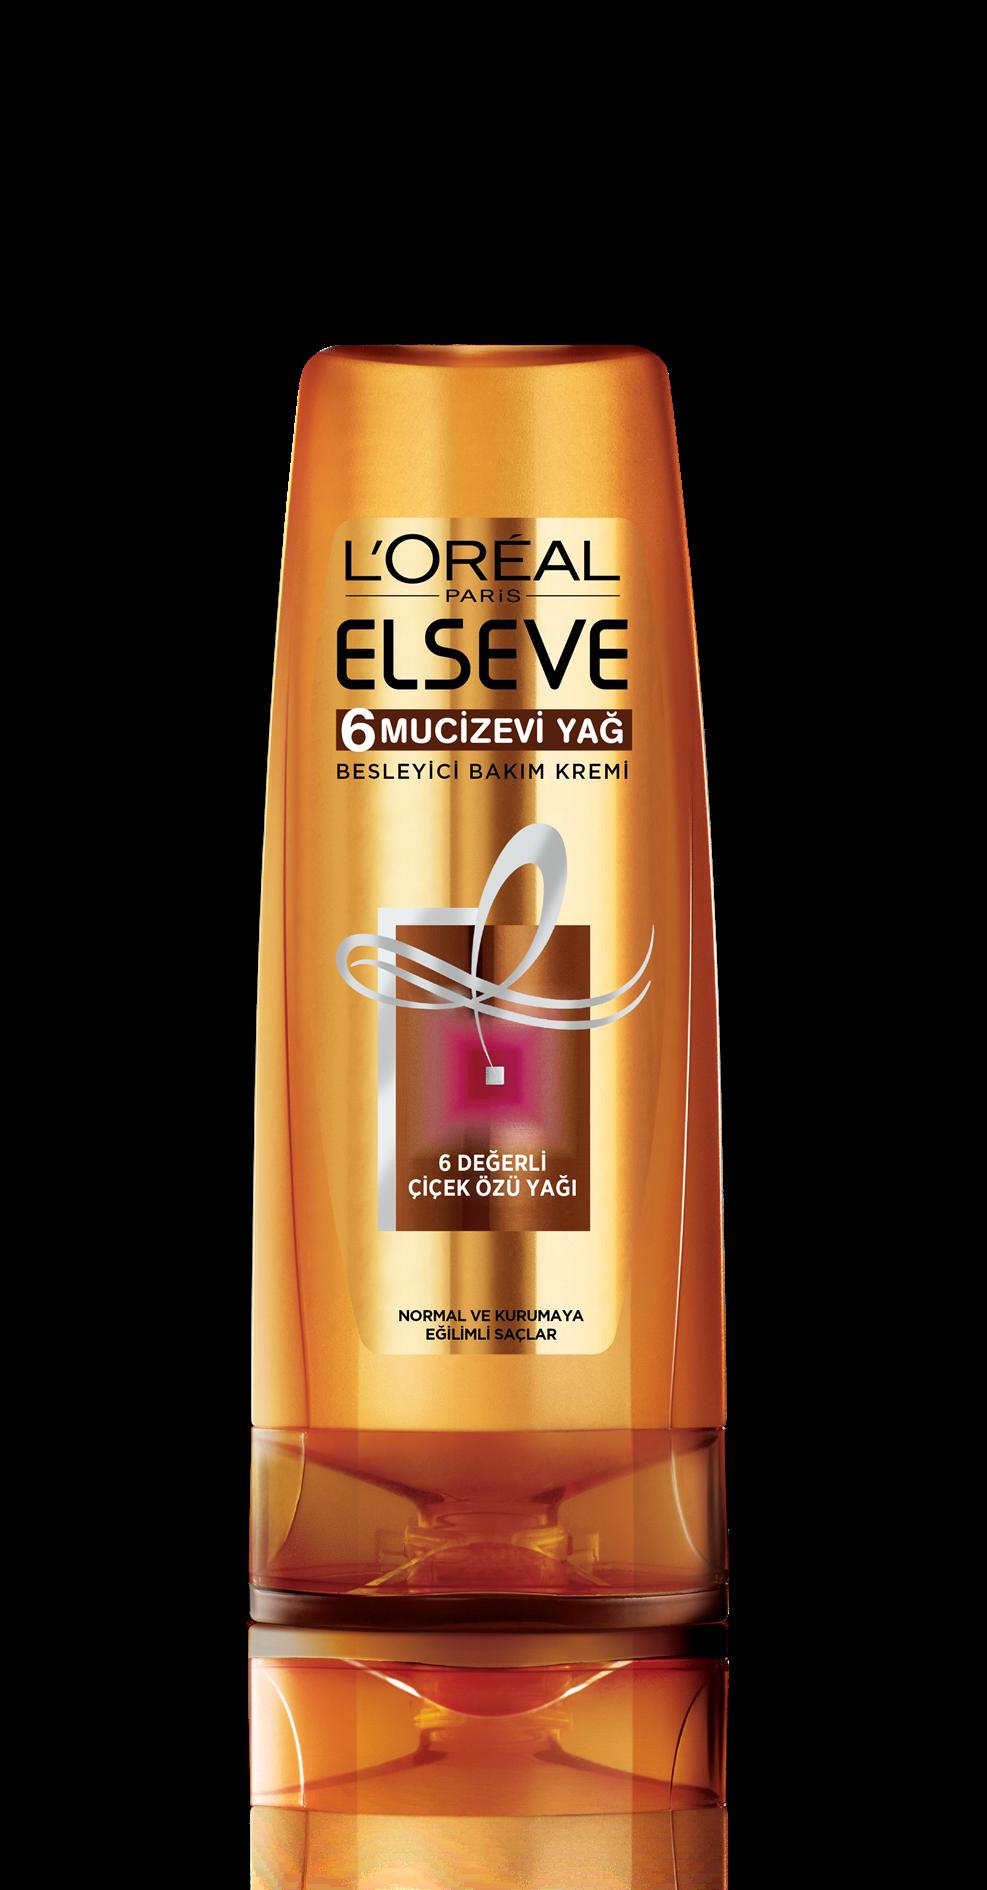 L'Oréal Paris Elseve 6 Mucizevi Yağ Besleyici Bakım Kremi